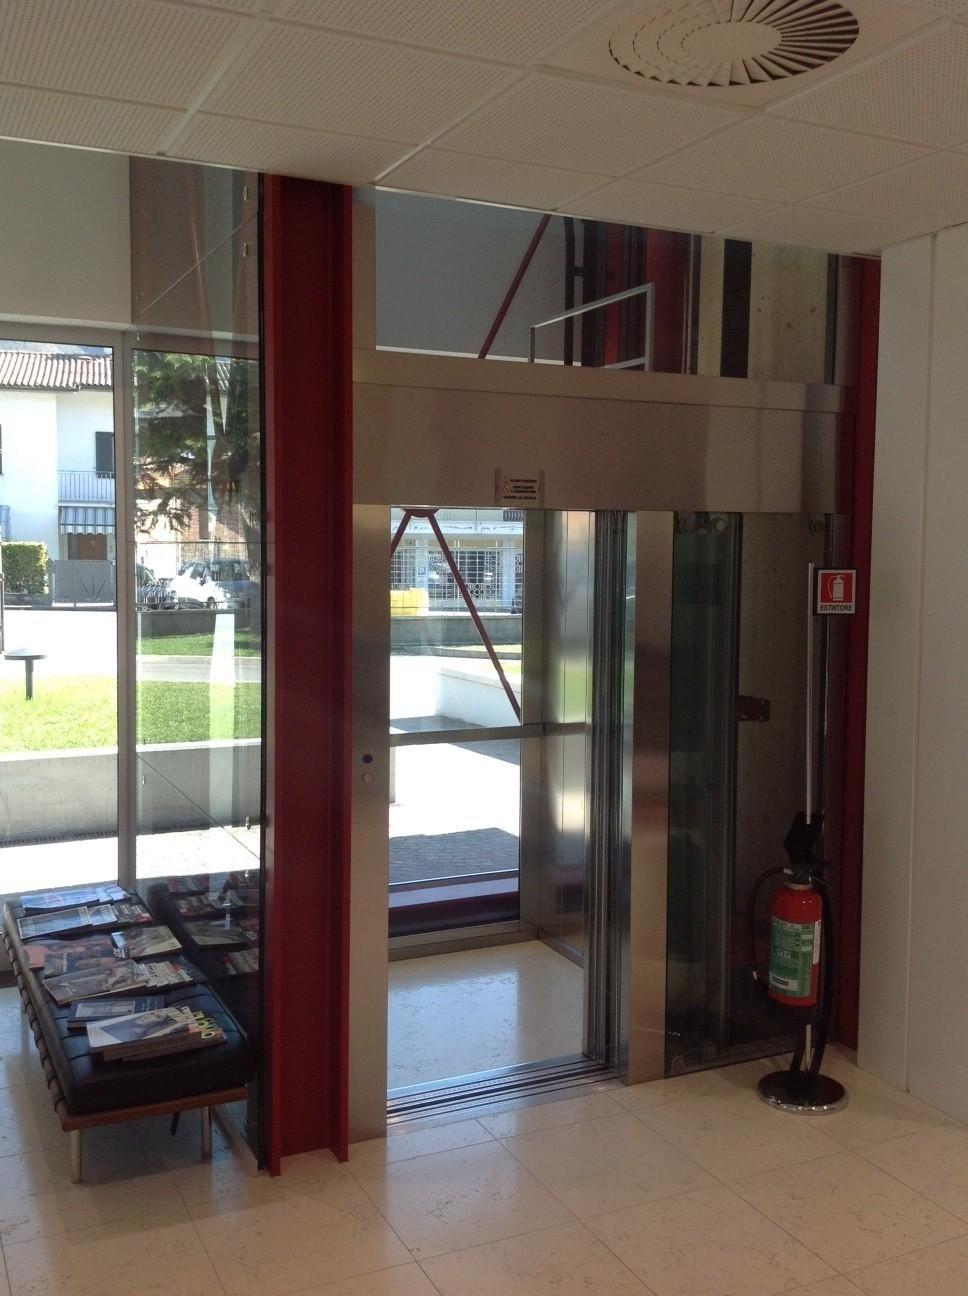 entrata di un edificio con ascensore panoramico